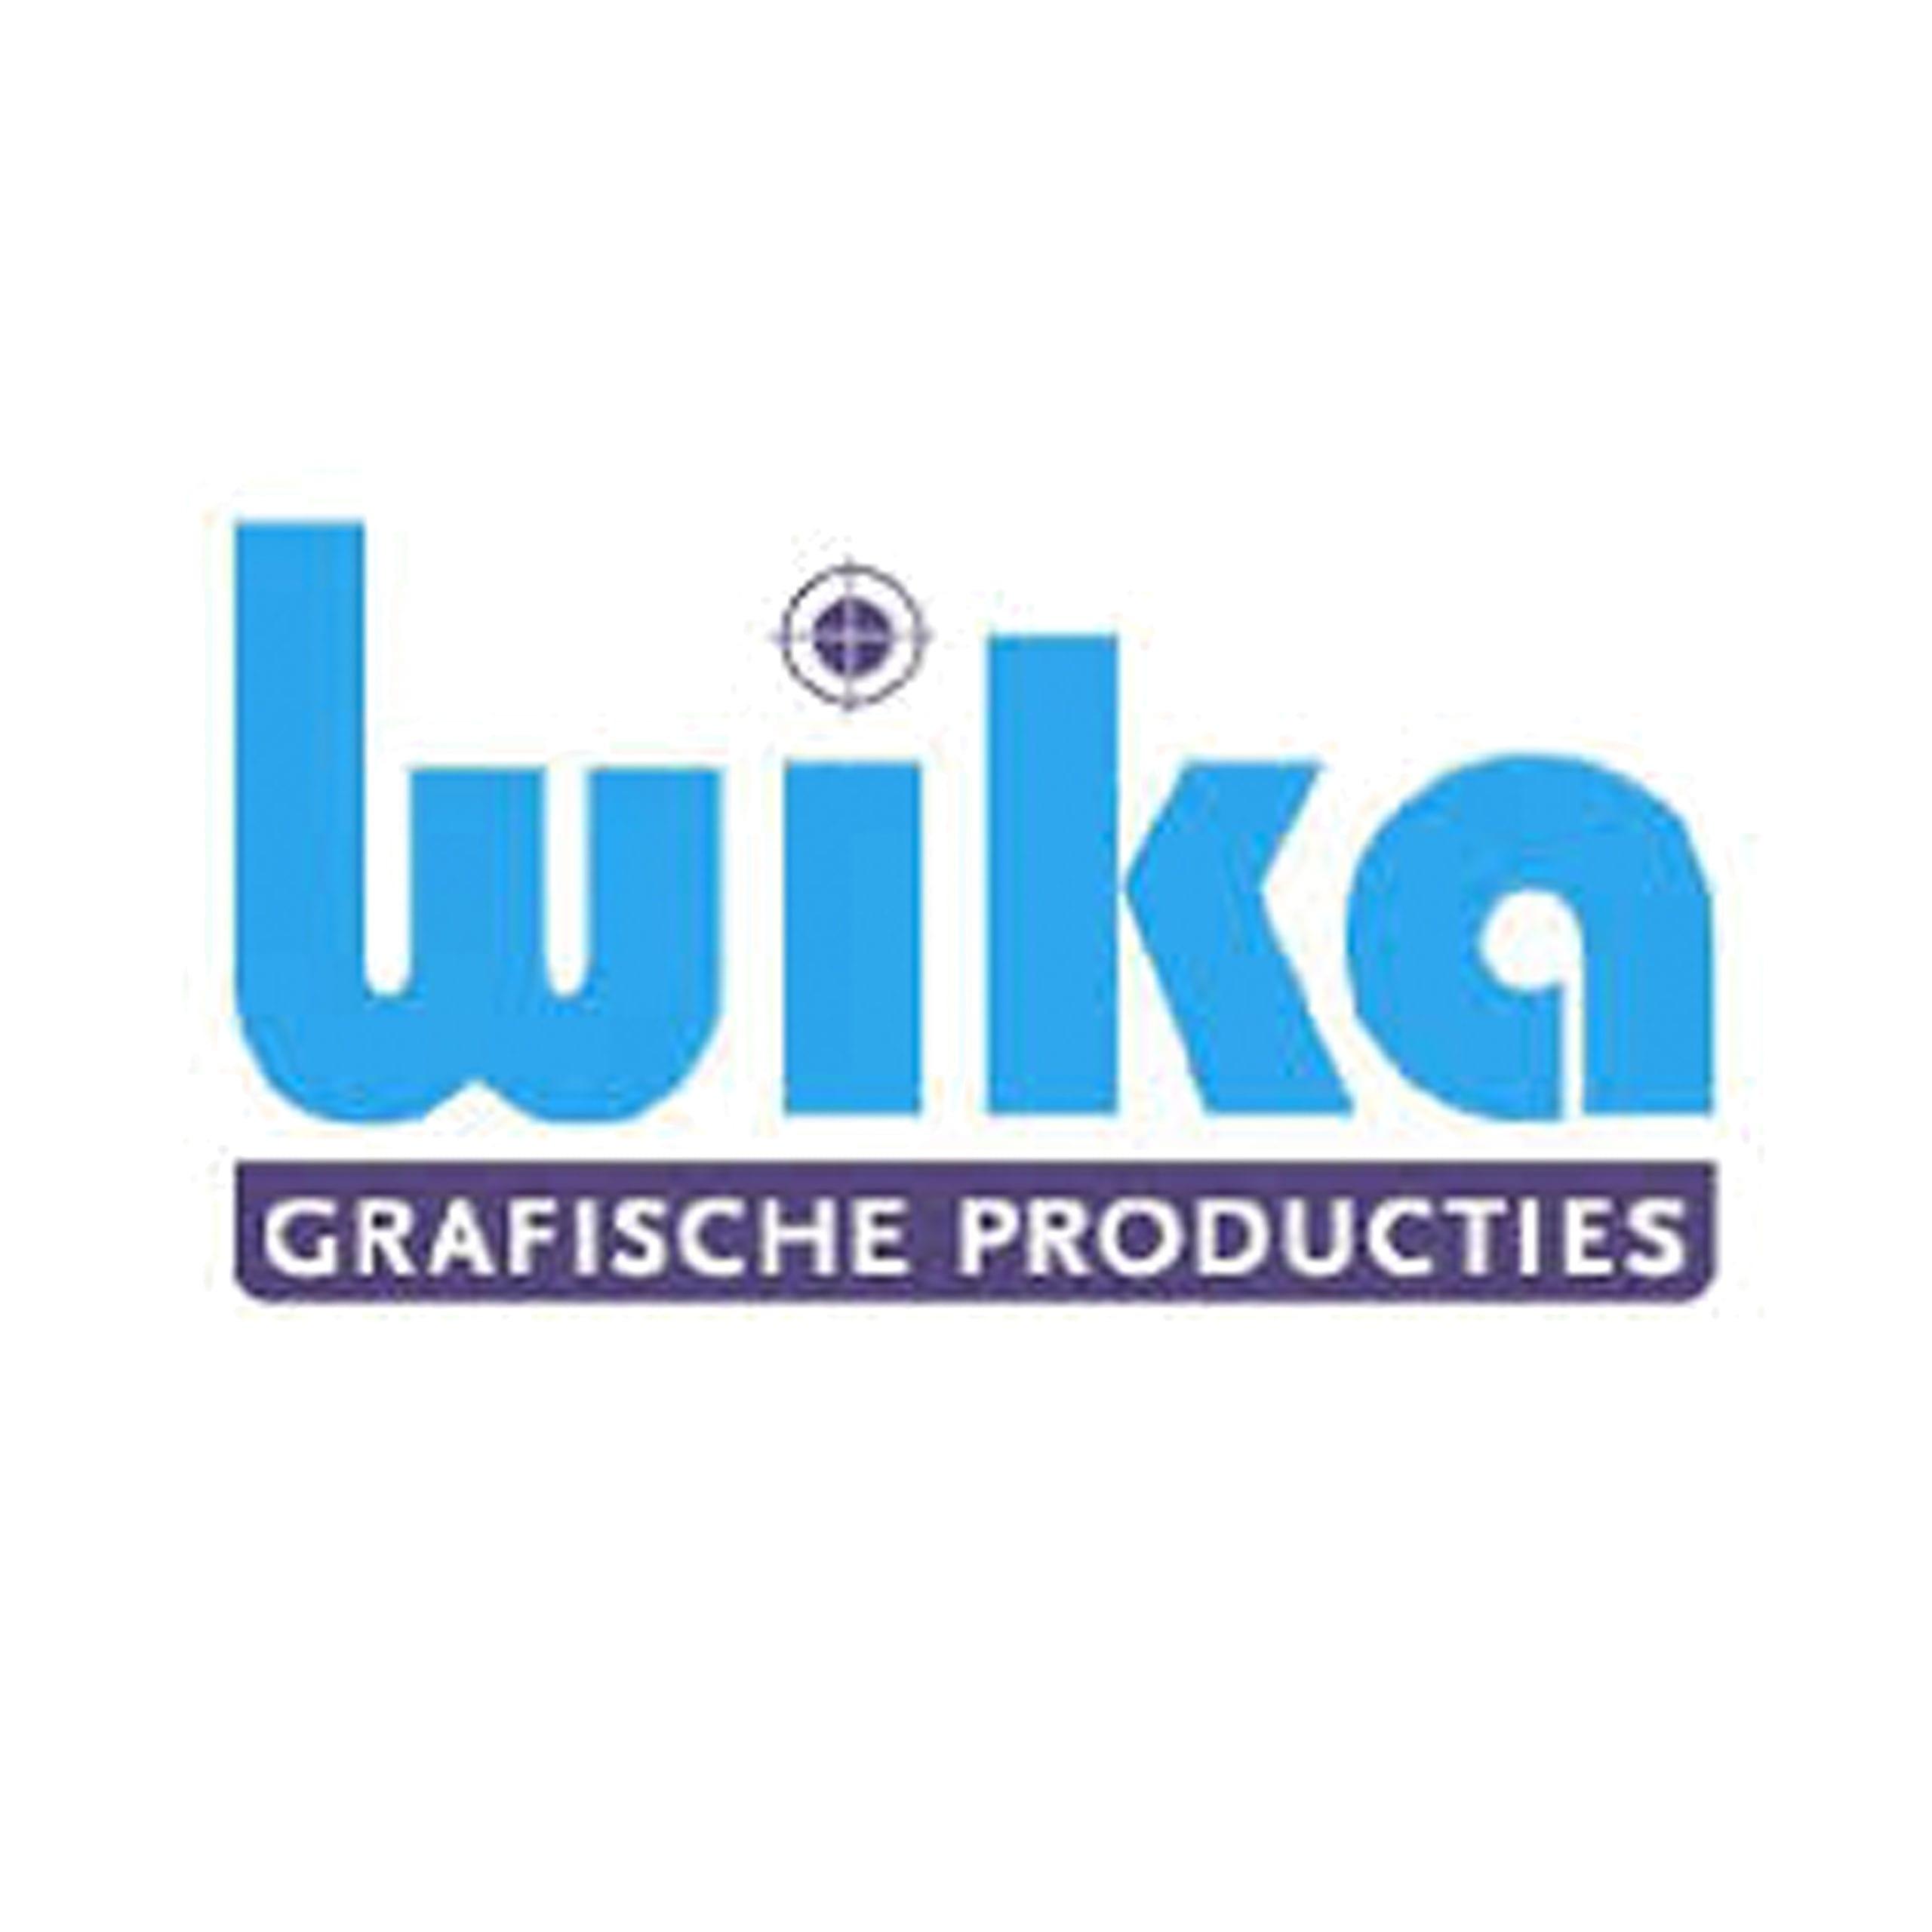 Wika Grafische Producties